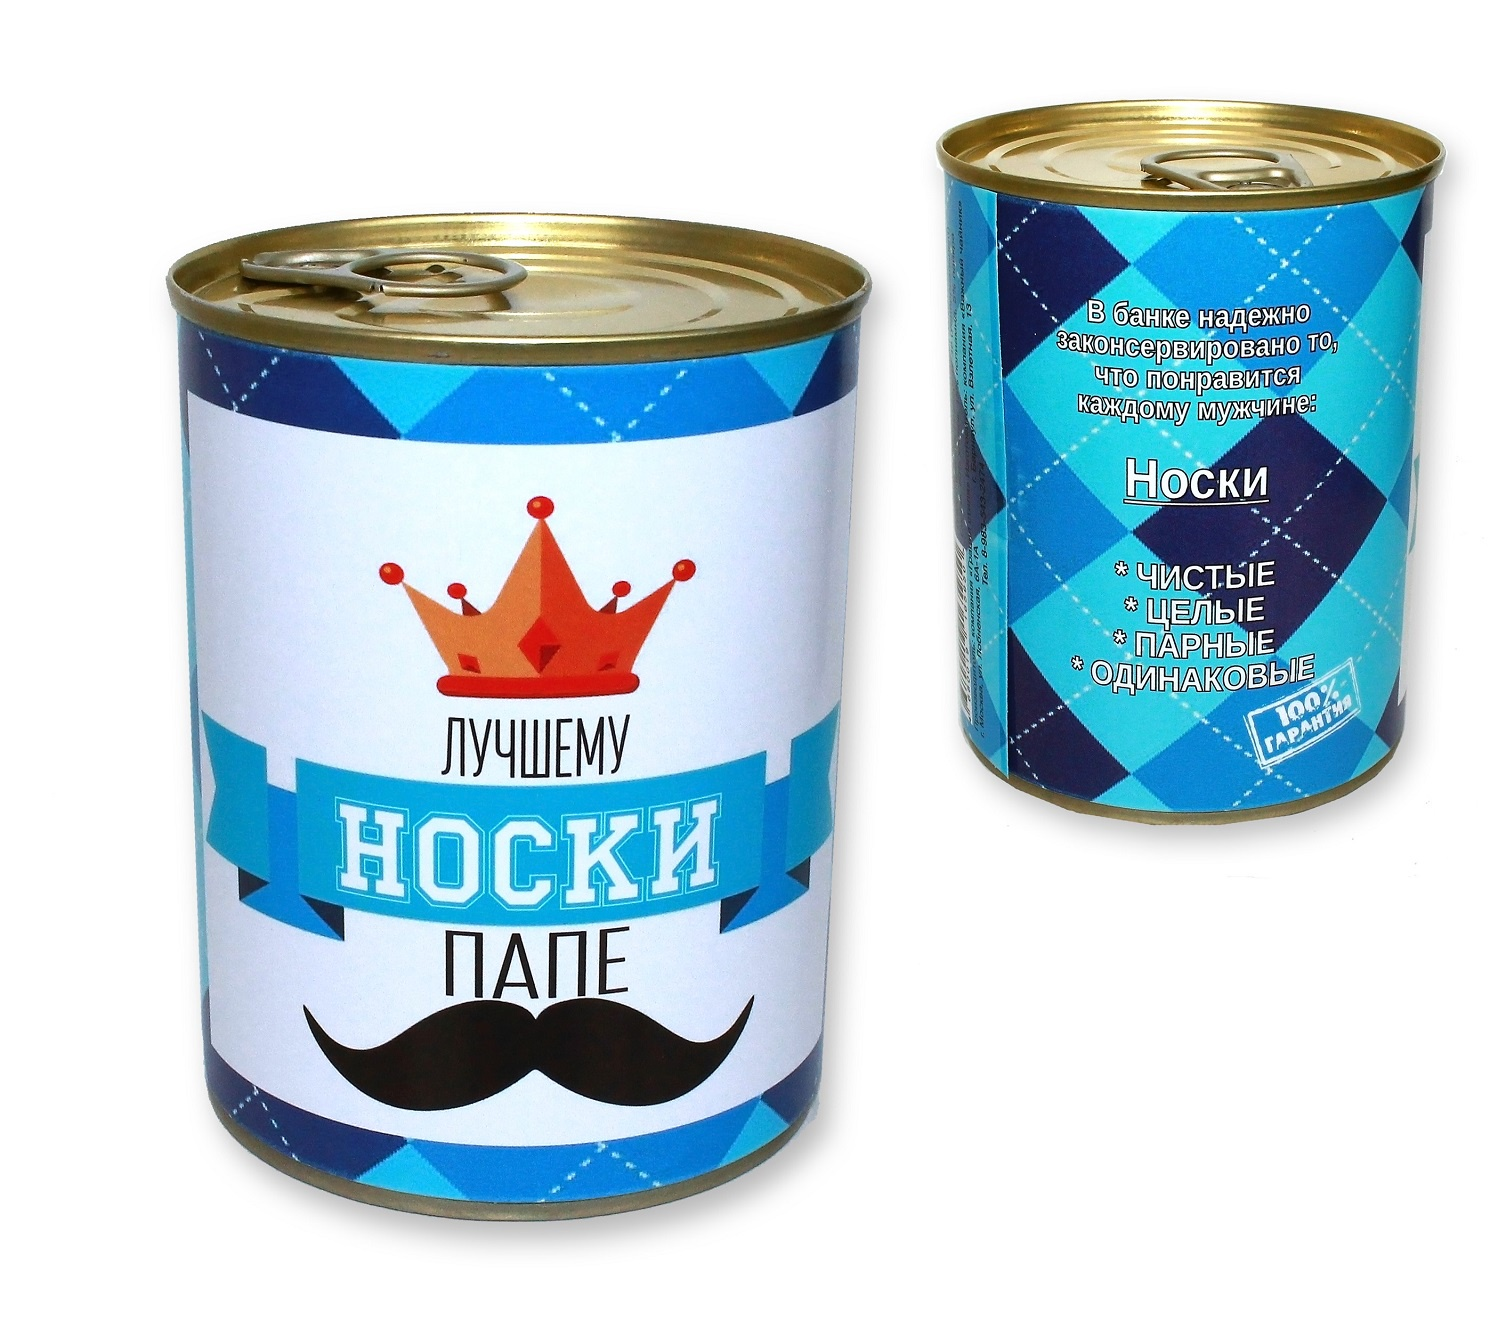 Сувенирный набор Важный чайник Носки в банке. Лучшему папе, 4680019165950 кеды мужские in step цвет синий j201 2 размер 46